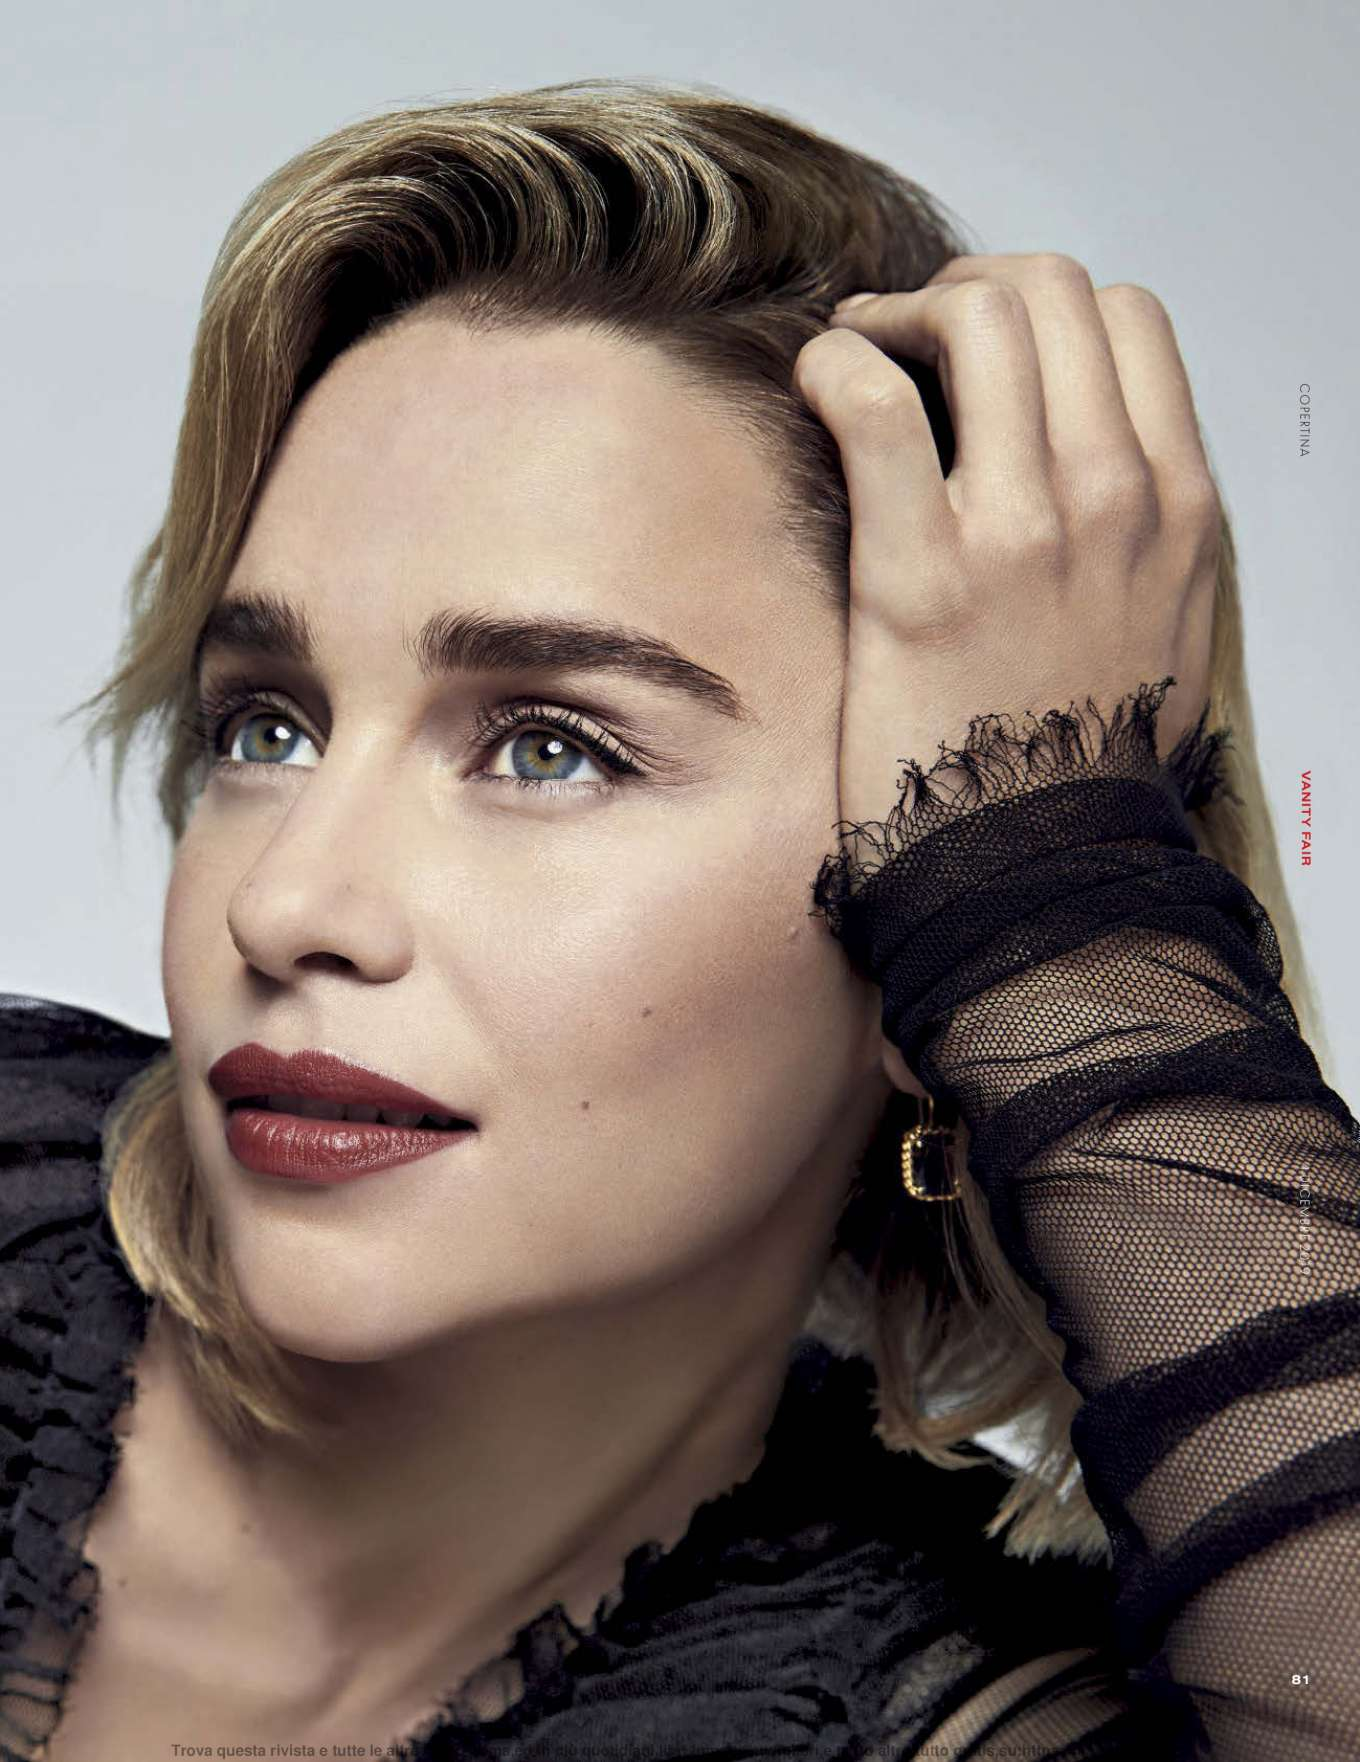 Emilia Clarke 2019 : Emilia Clarke – Vanity Fair Italy 2019-08